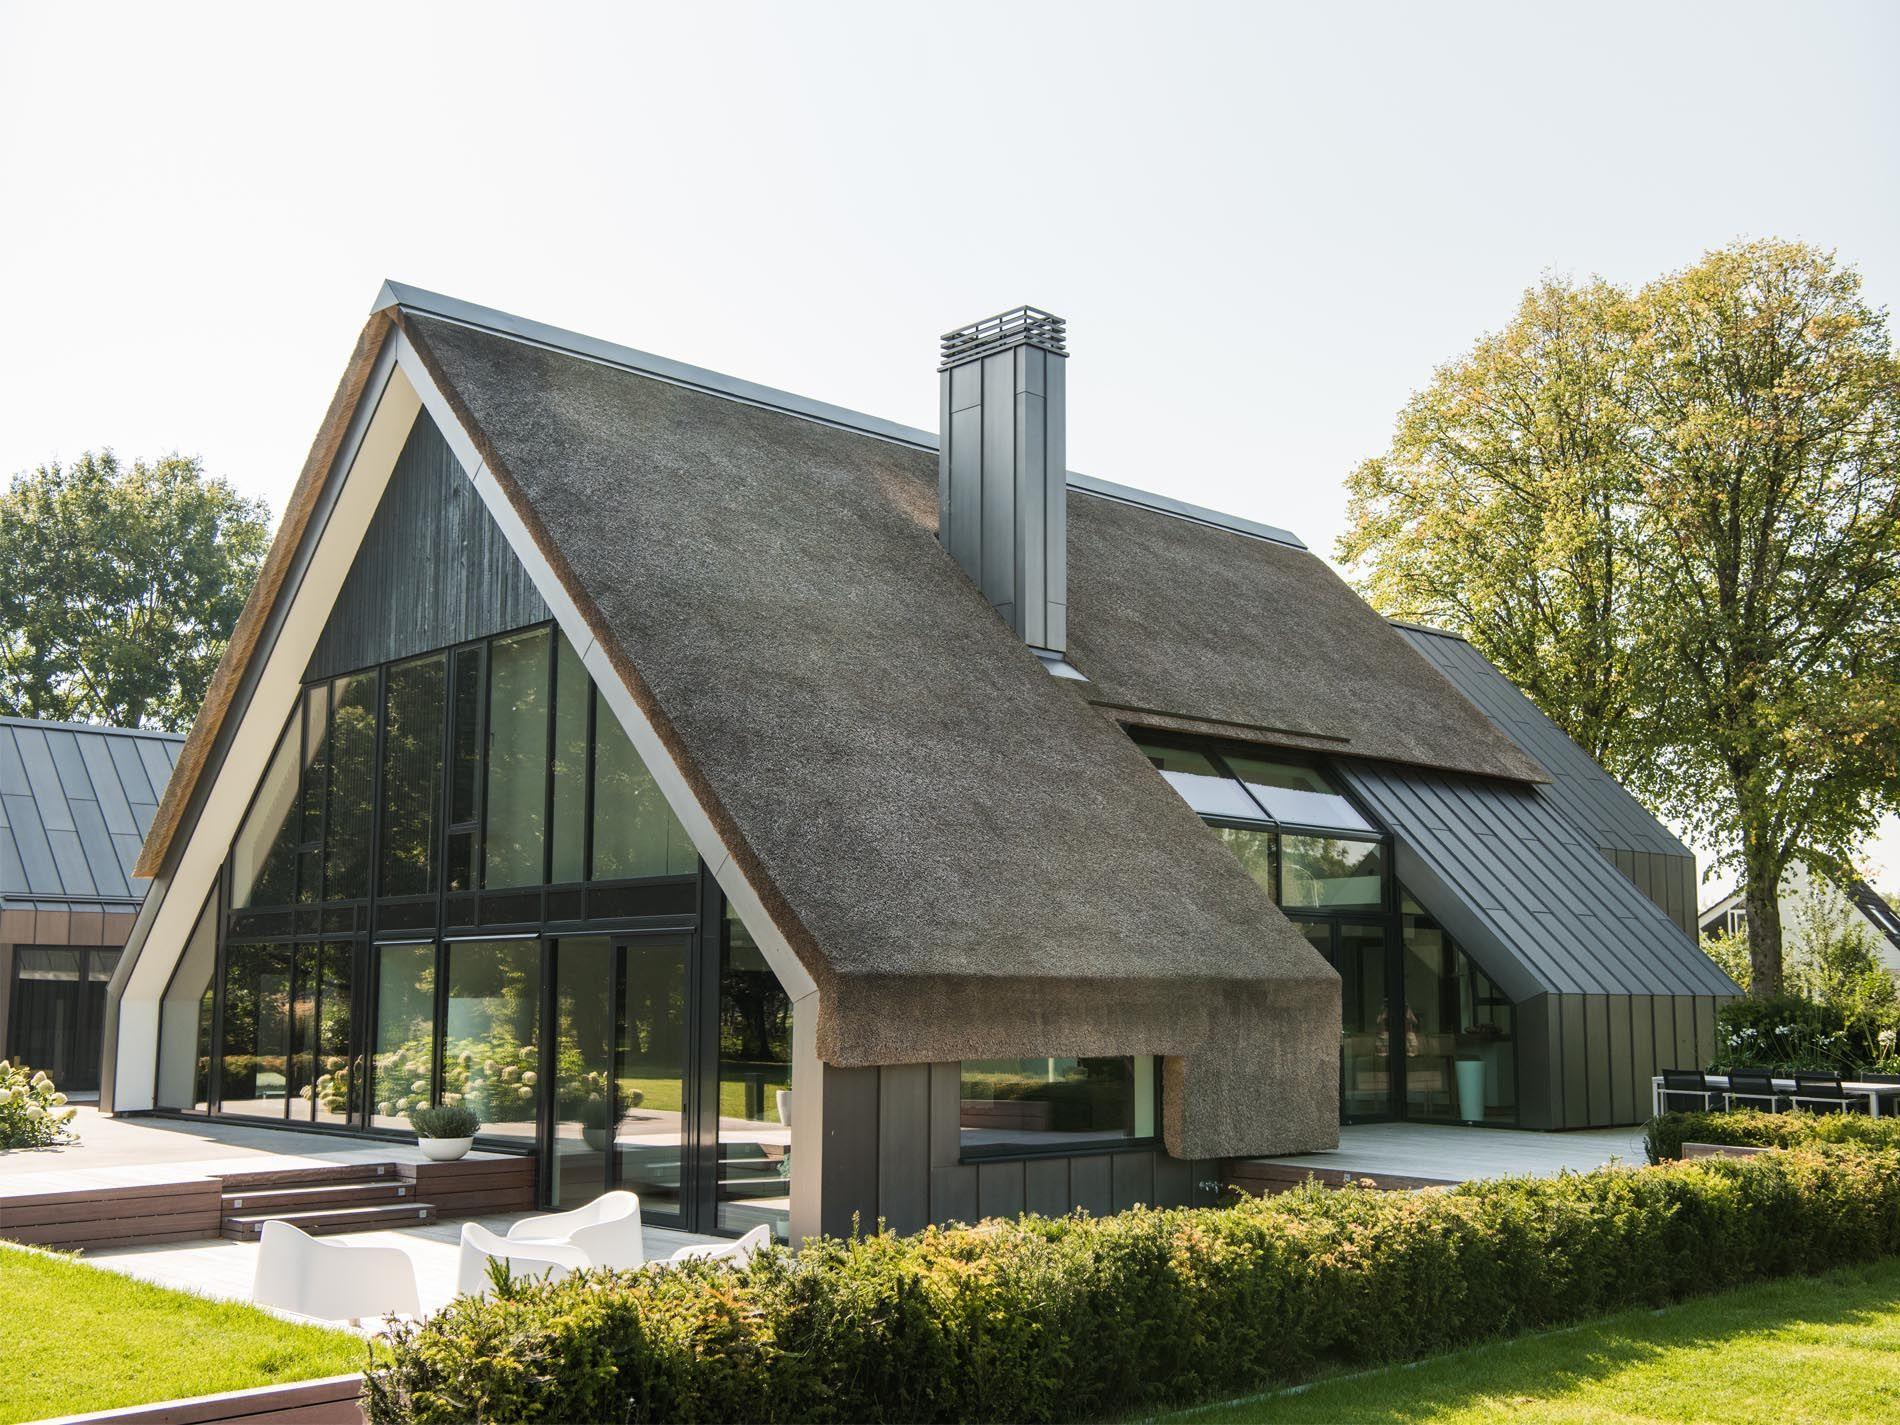 Architecture outdoors interiors i love - Meer mooie houten huizen ...